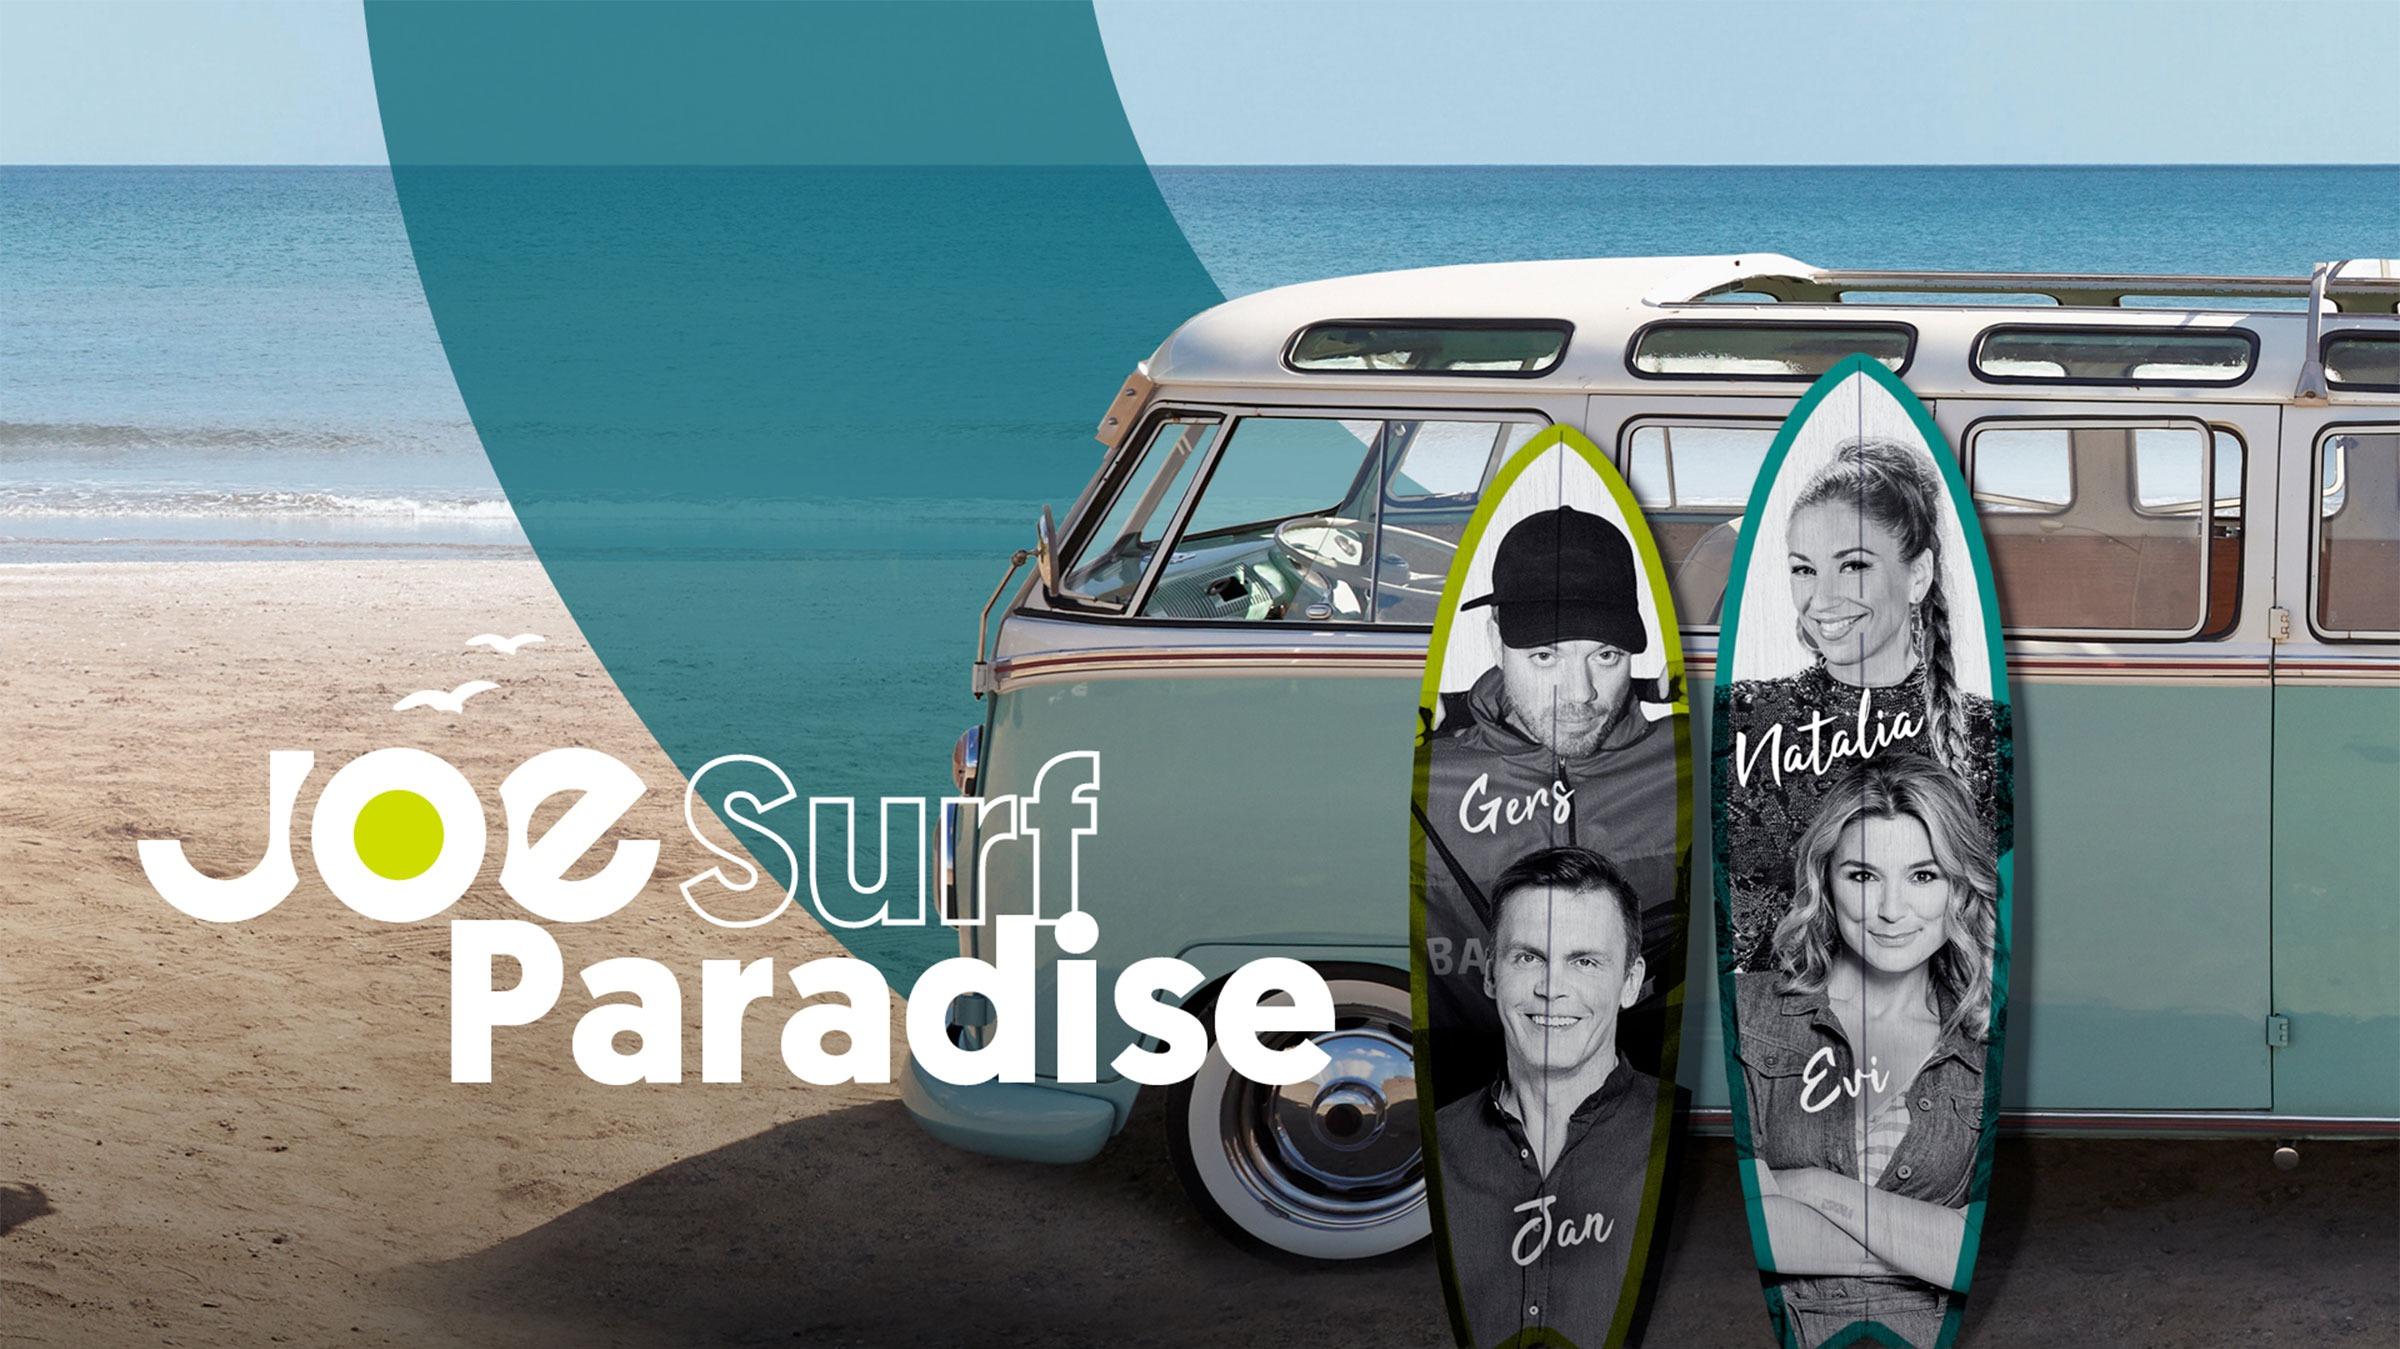 Joe surf 1 2400x1350